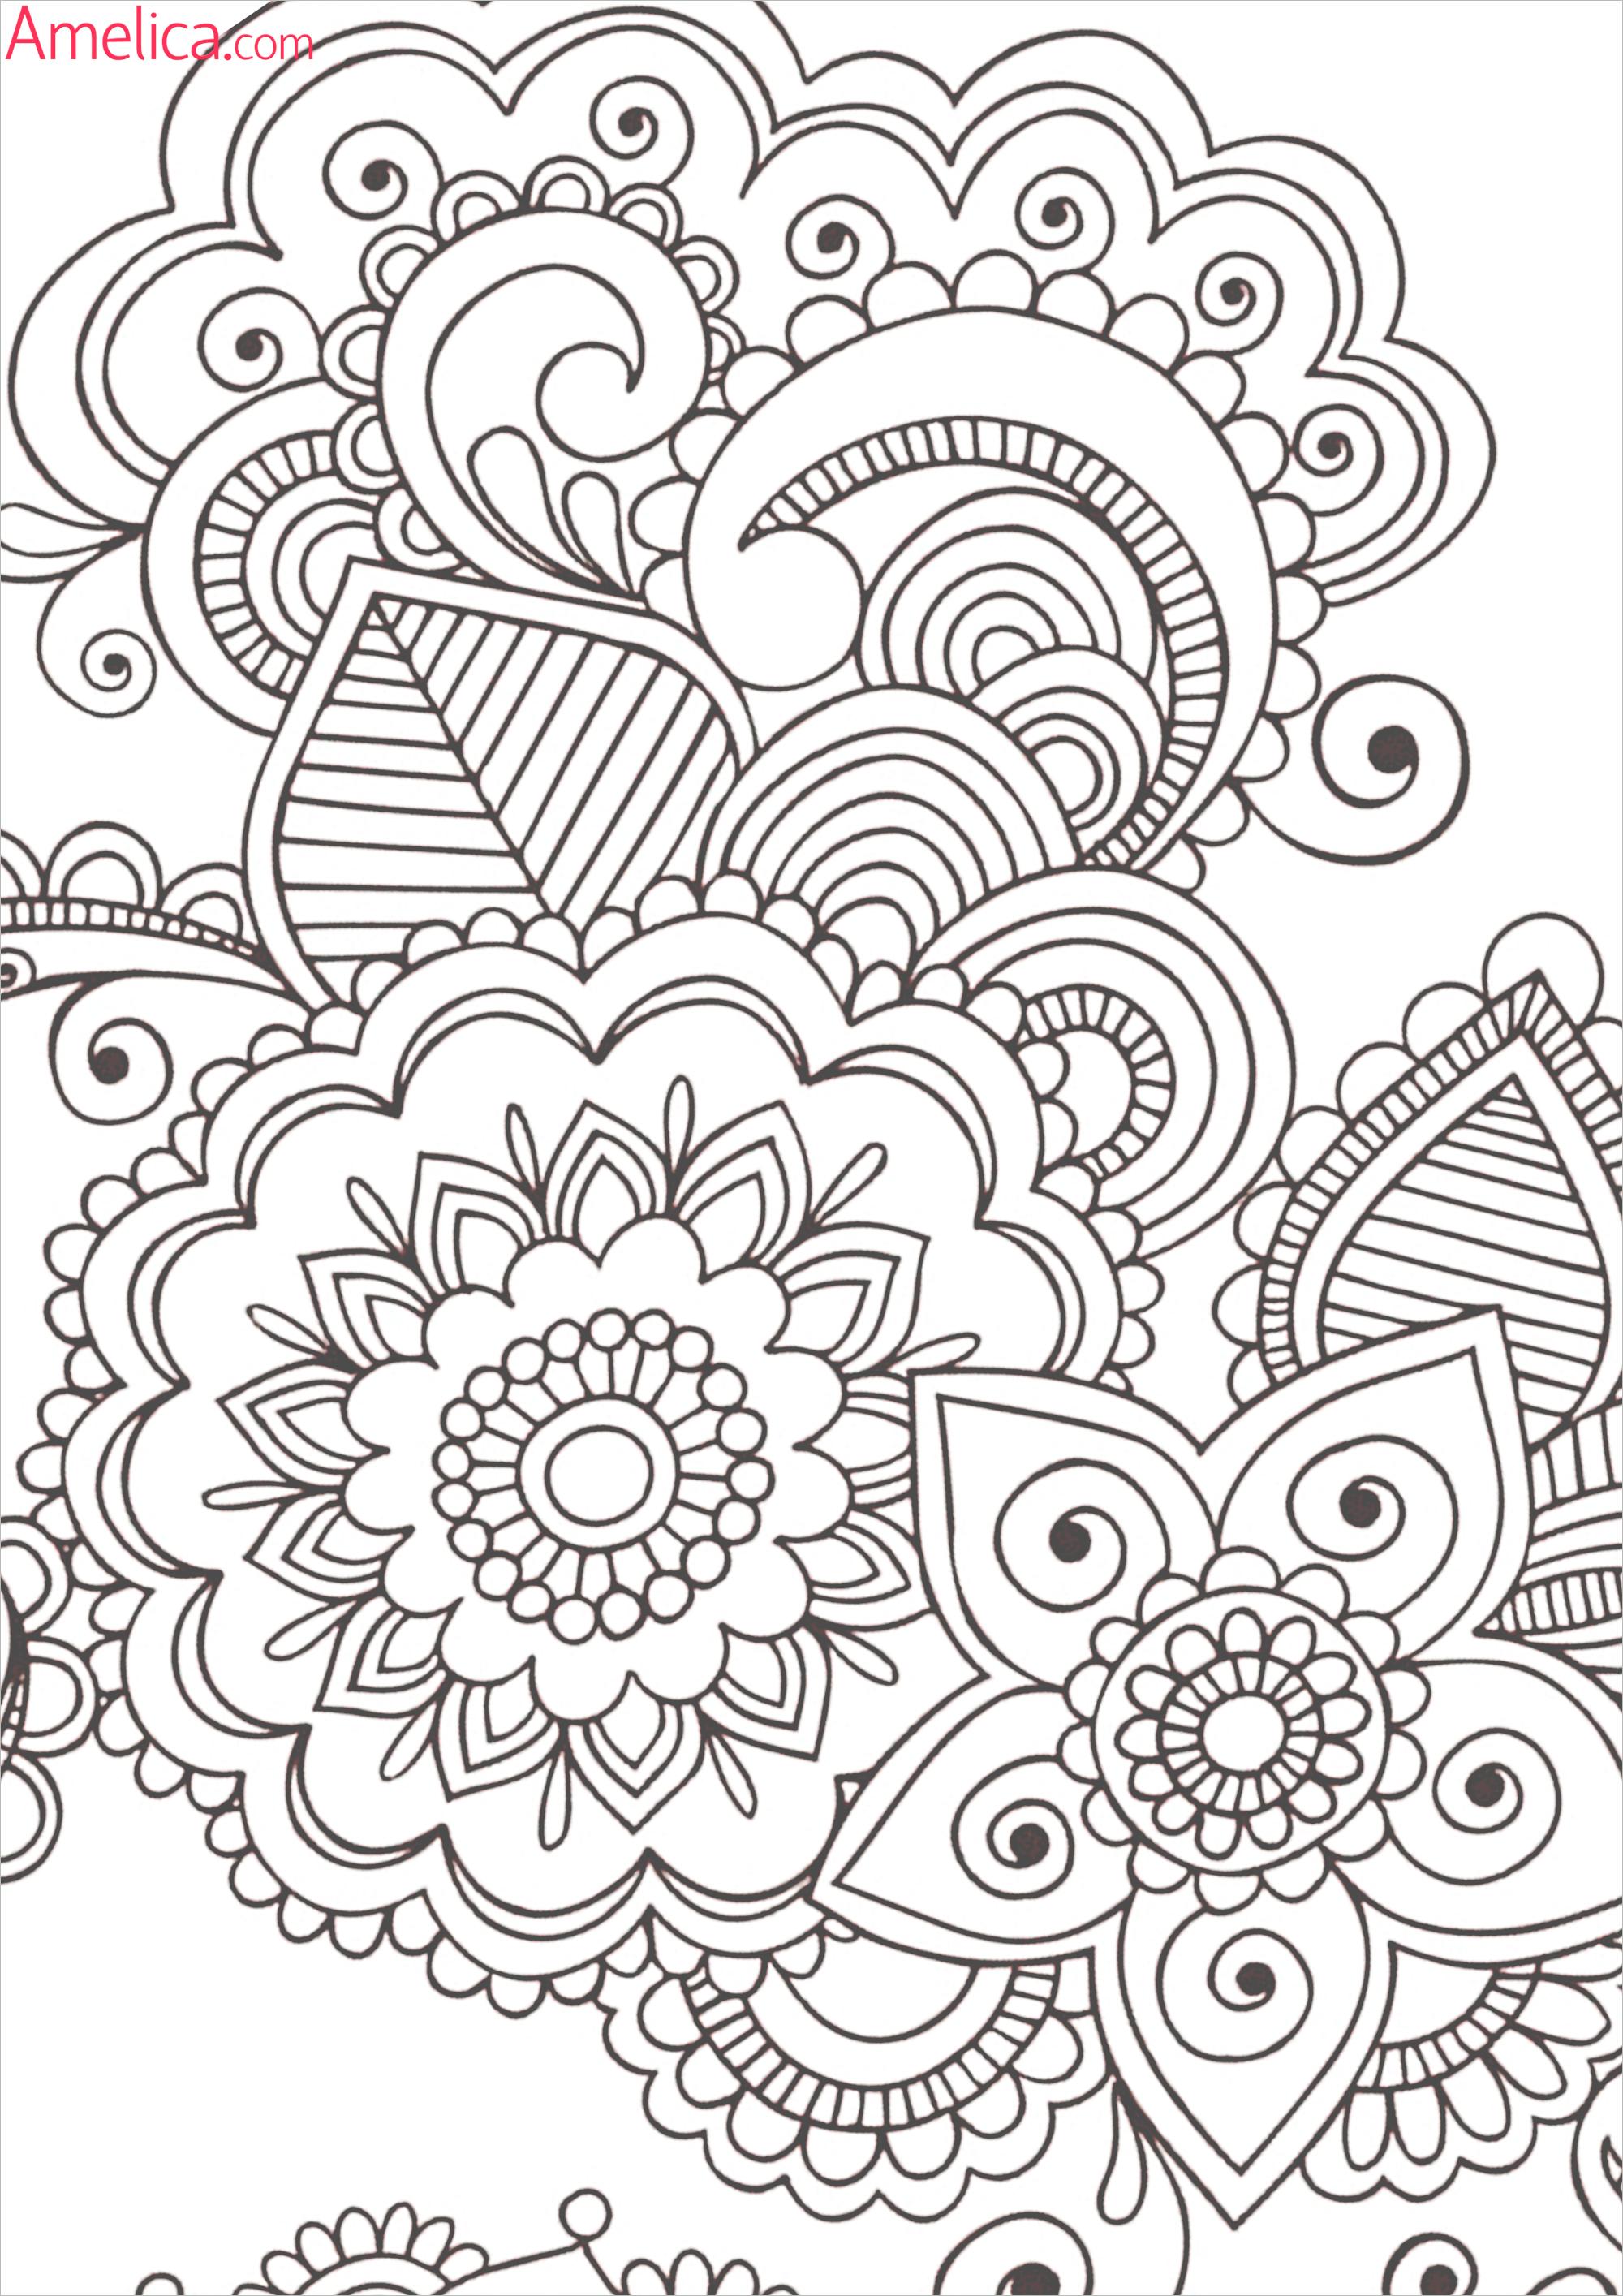 Раскраски узоры антистресс